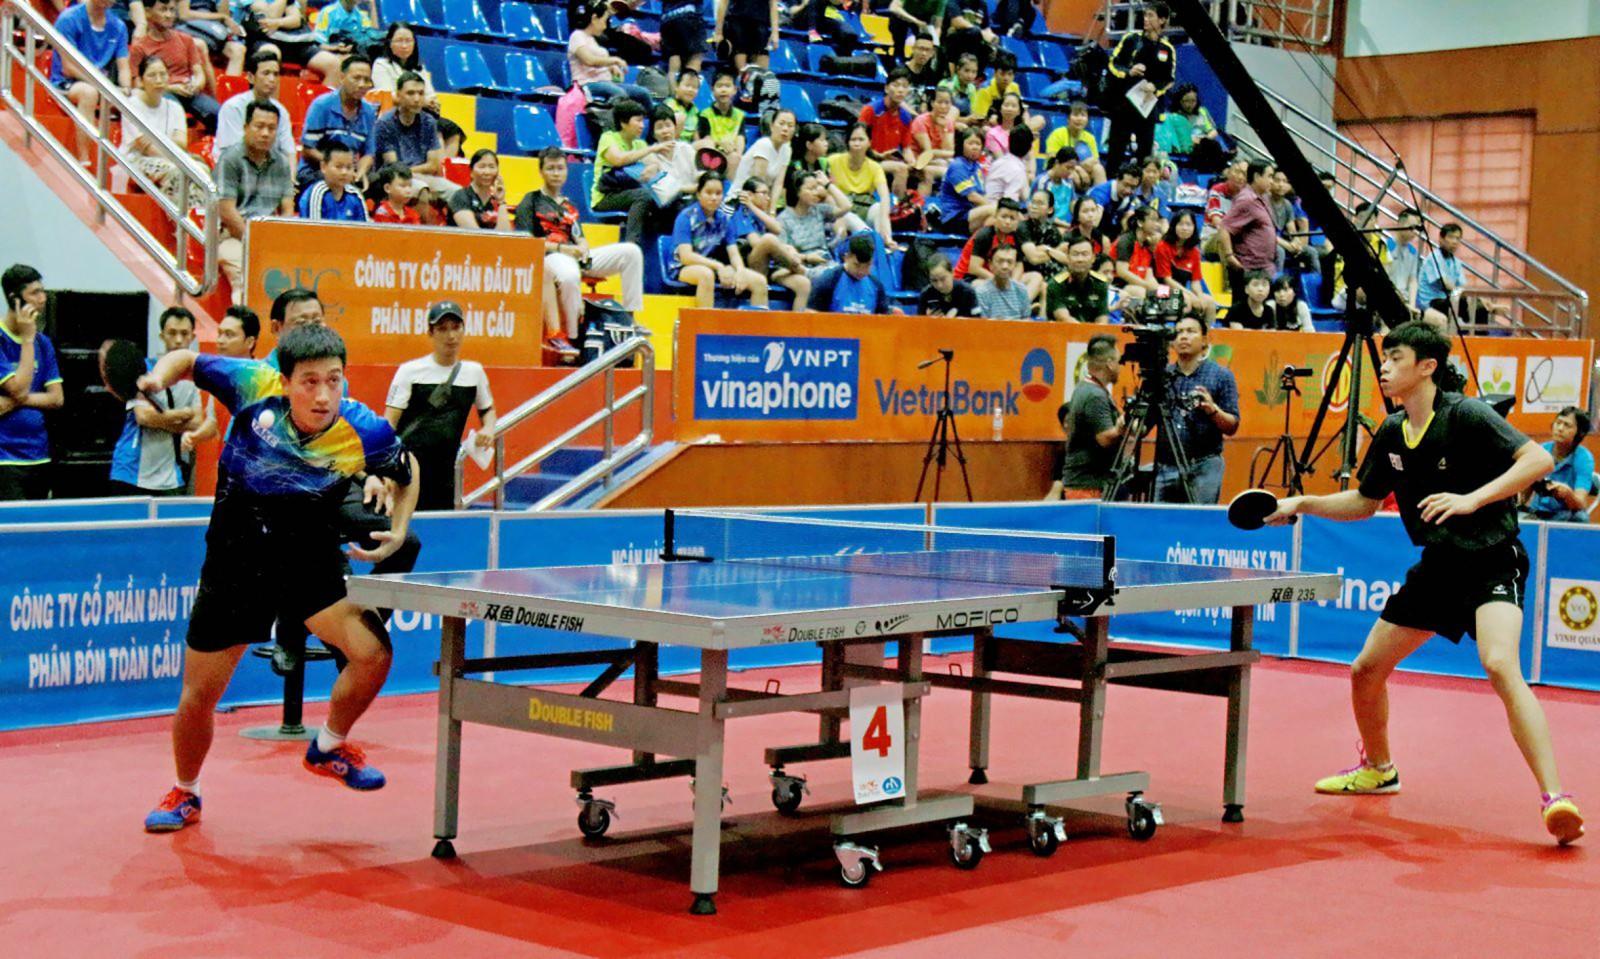 Các tay vợt thi đấu tại Giải bóng bàn quốc tế Vĩnh Long 2019. Ảnh: DƯƠNG THU